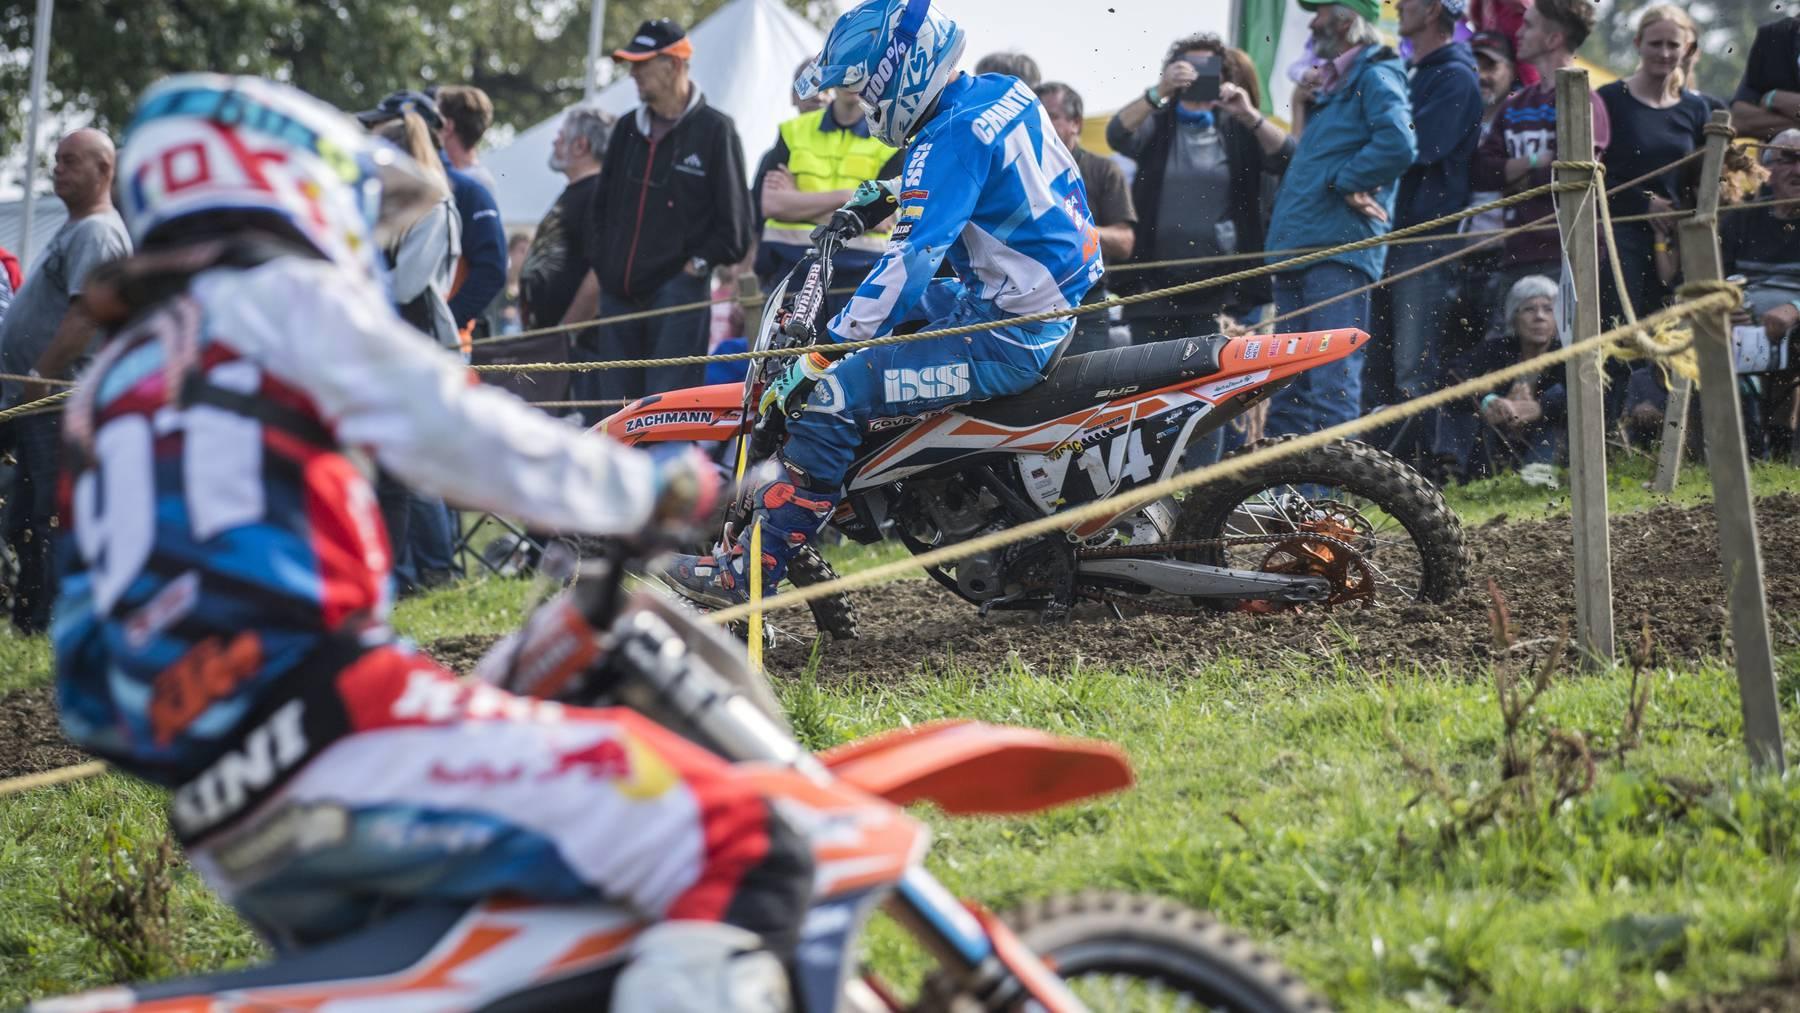 Mindestens fünf schwere Unfälle gab es an jenem Wochenende am Motocross Amriswil.